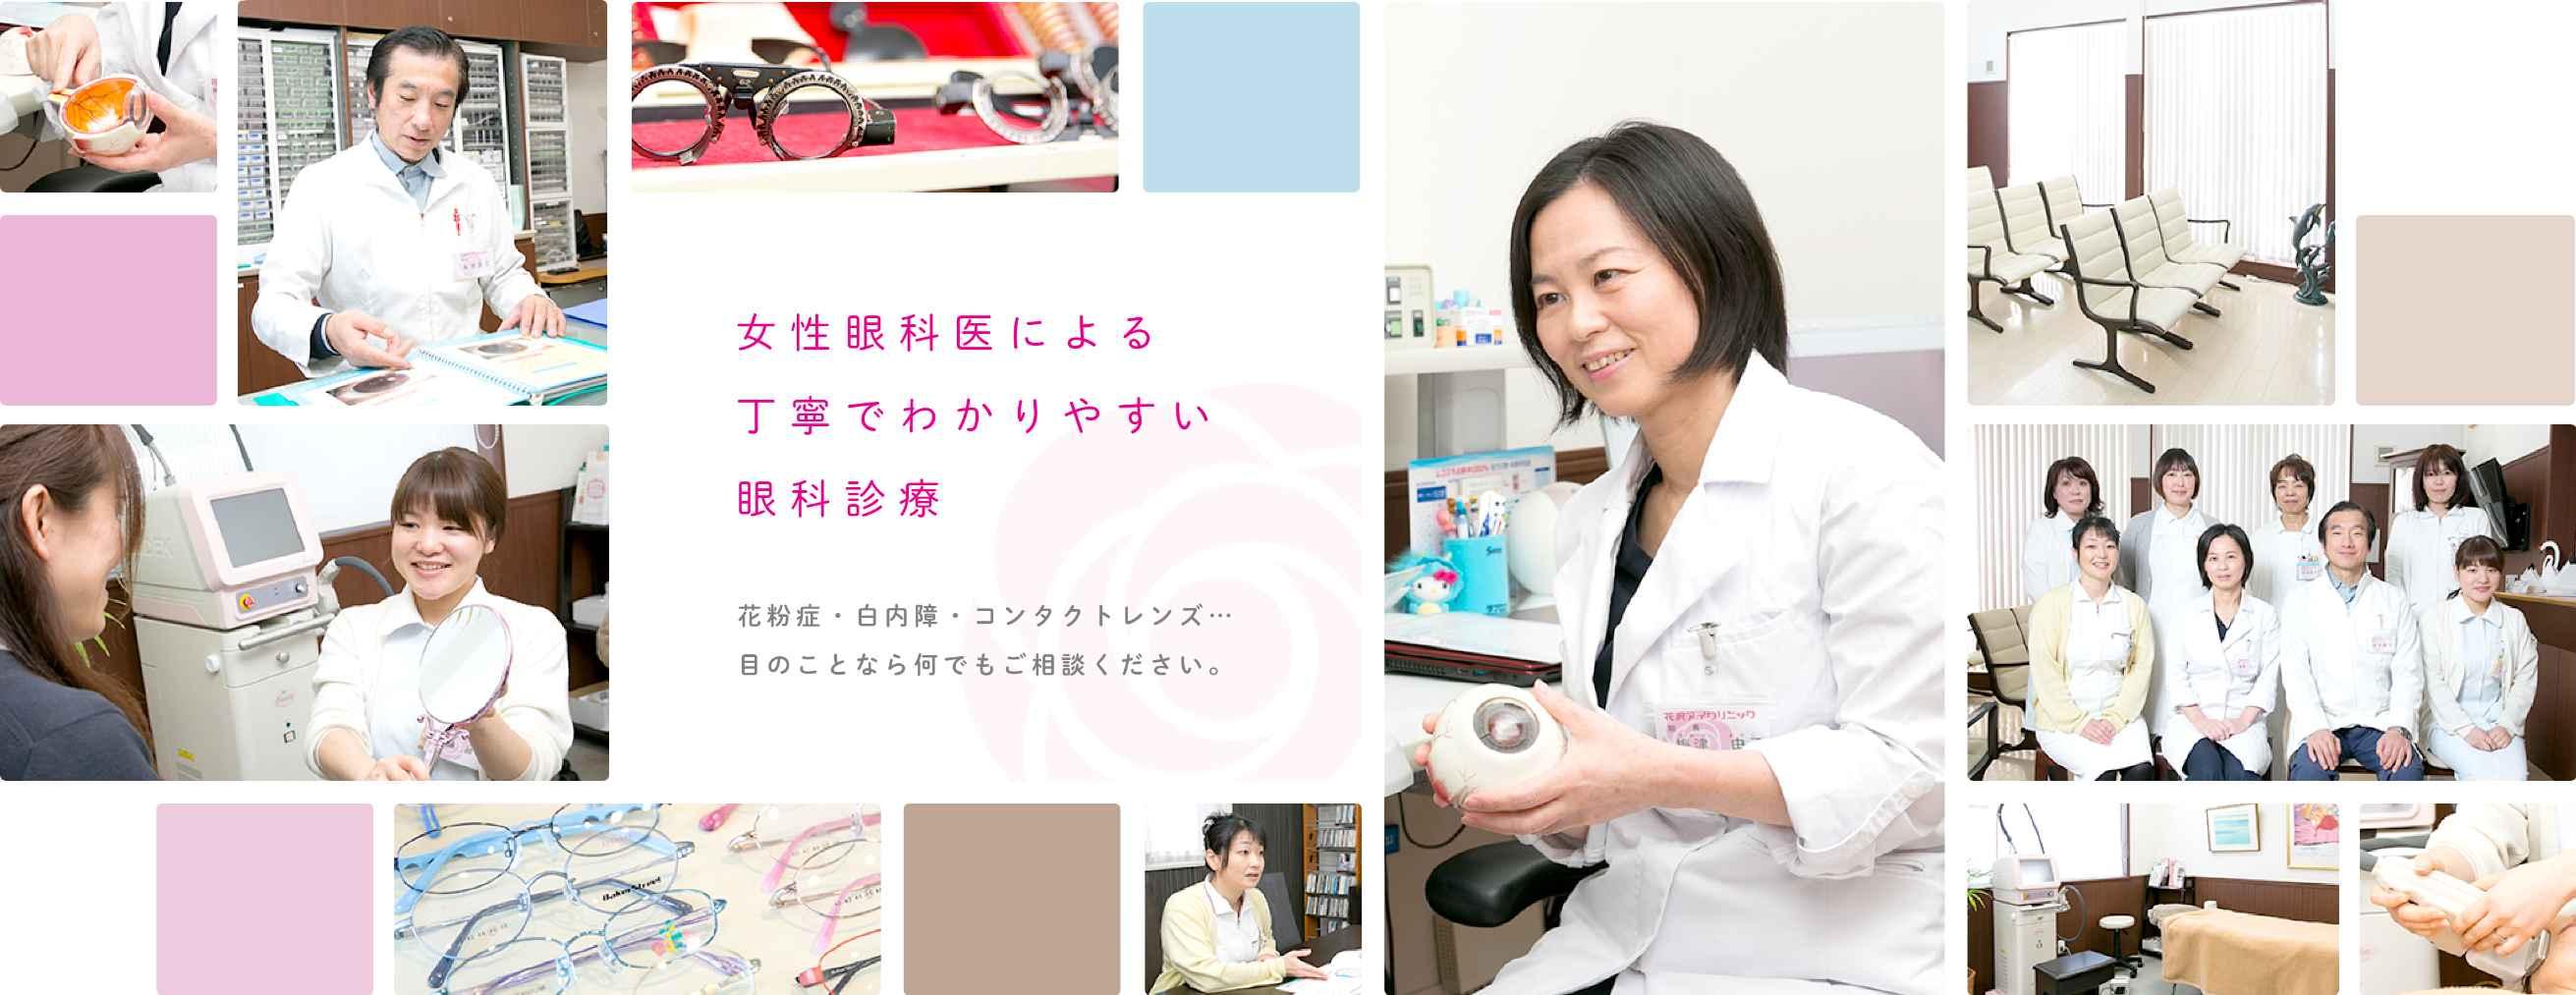 女性眼科医による丁寧でわかりやすい眼科診療 花粉症・白内障・コンタクトレンズ… 目のことなら何でもご相談ください。